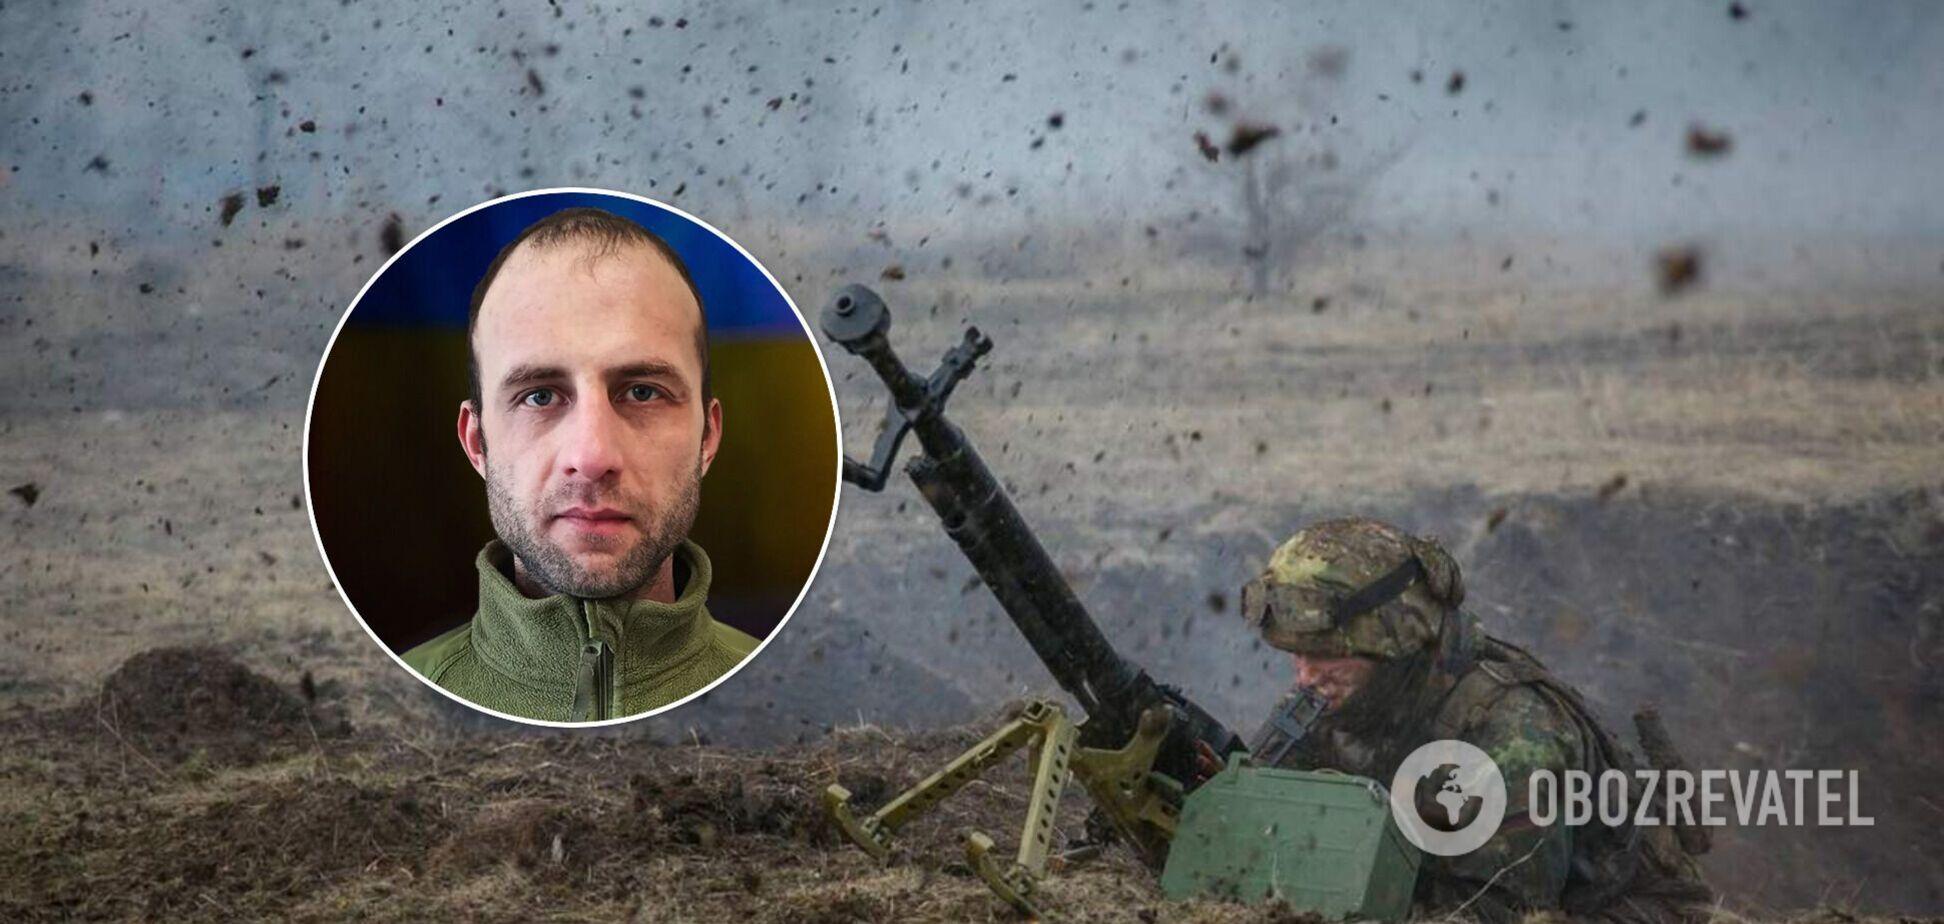 На Донбасі загинув український військовий: названо ім'я і опубліковано фото